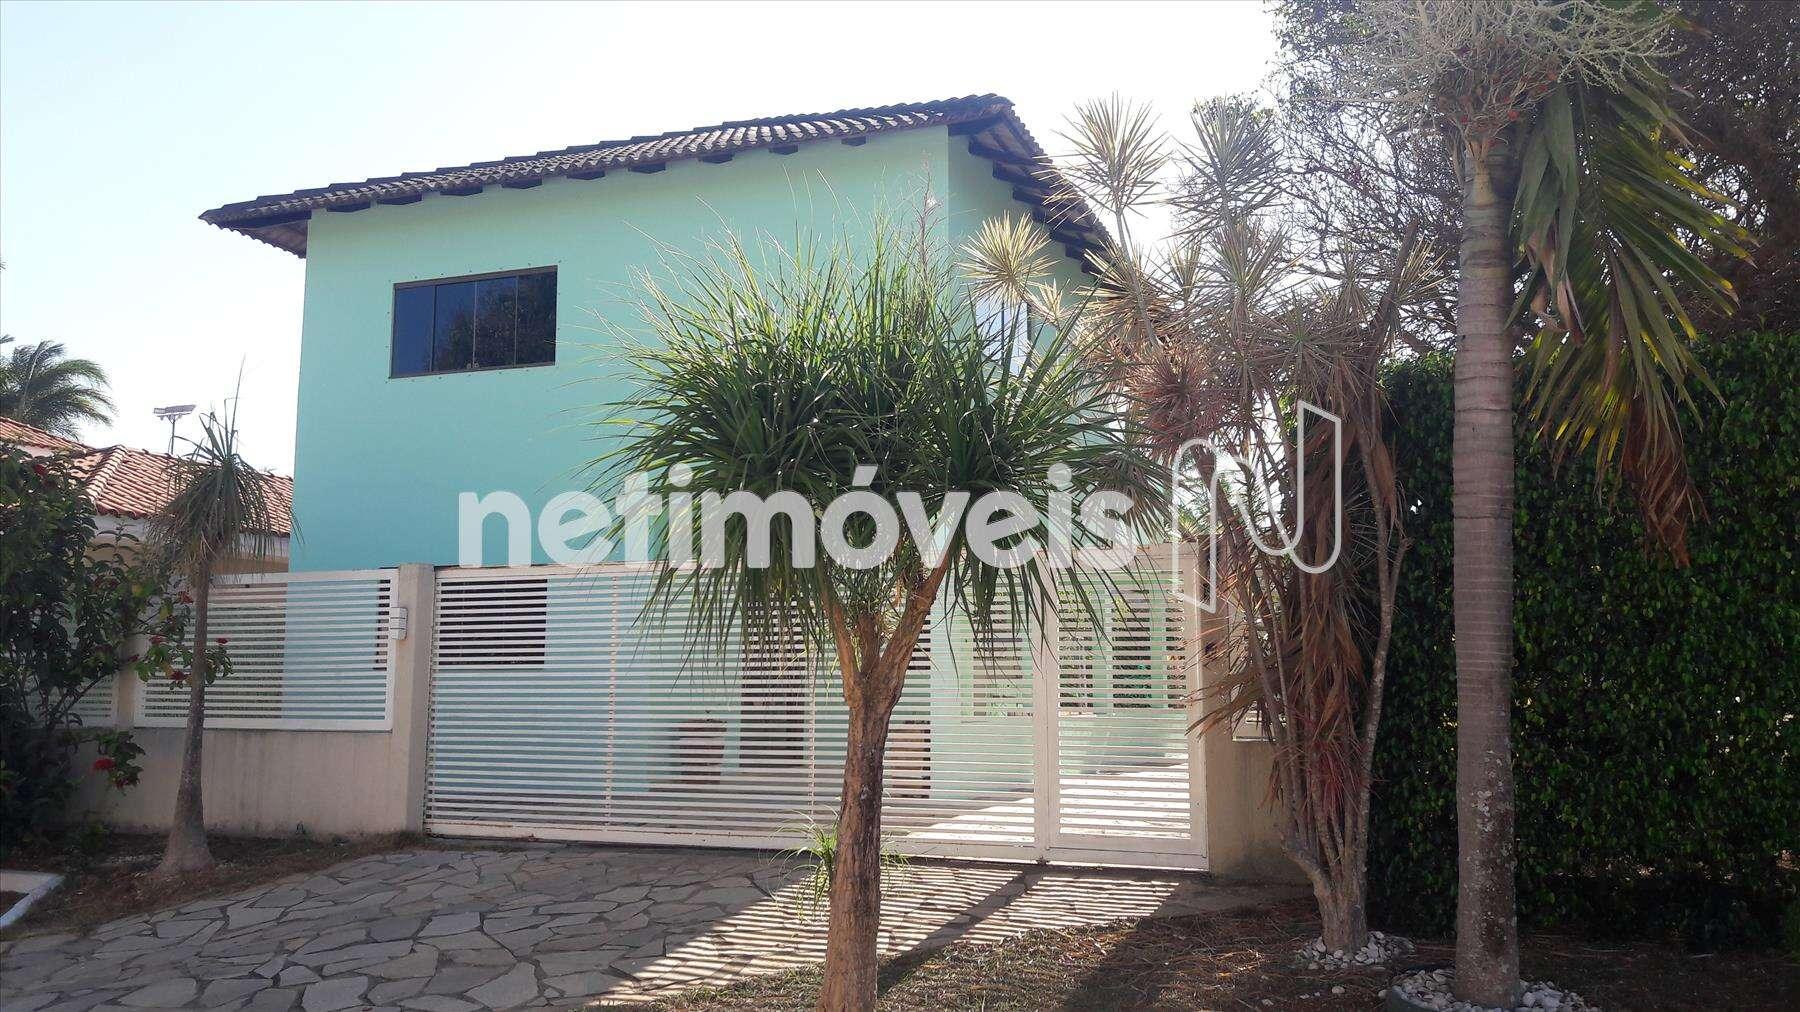 casa em condomínio,casa,distrito federal,park way,brasília,